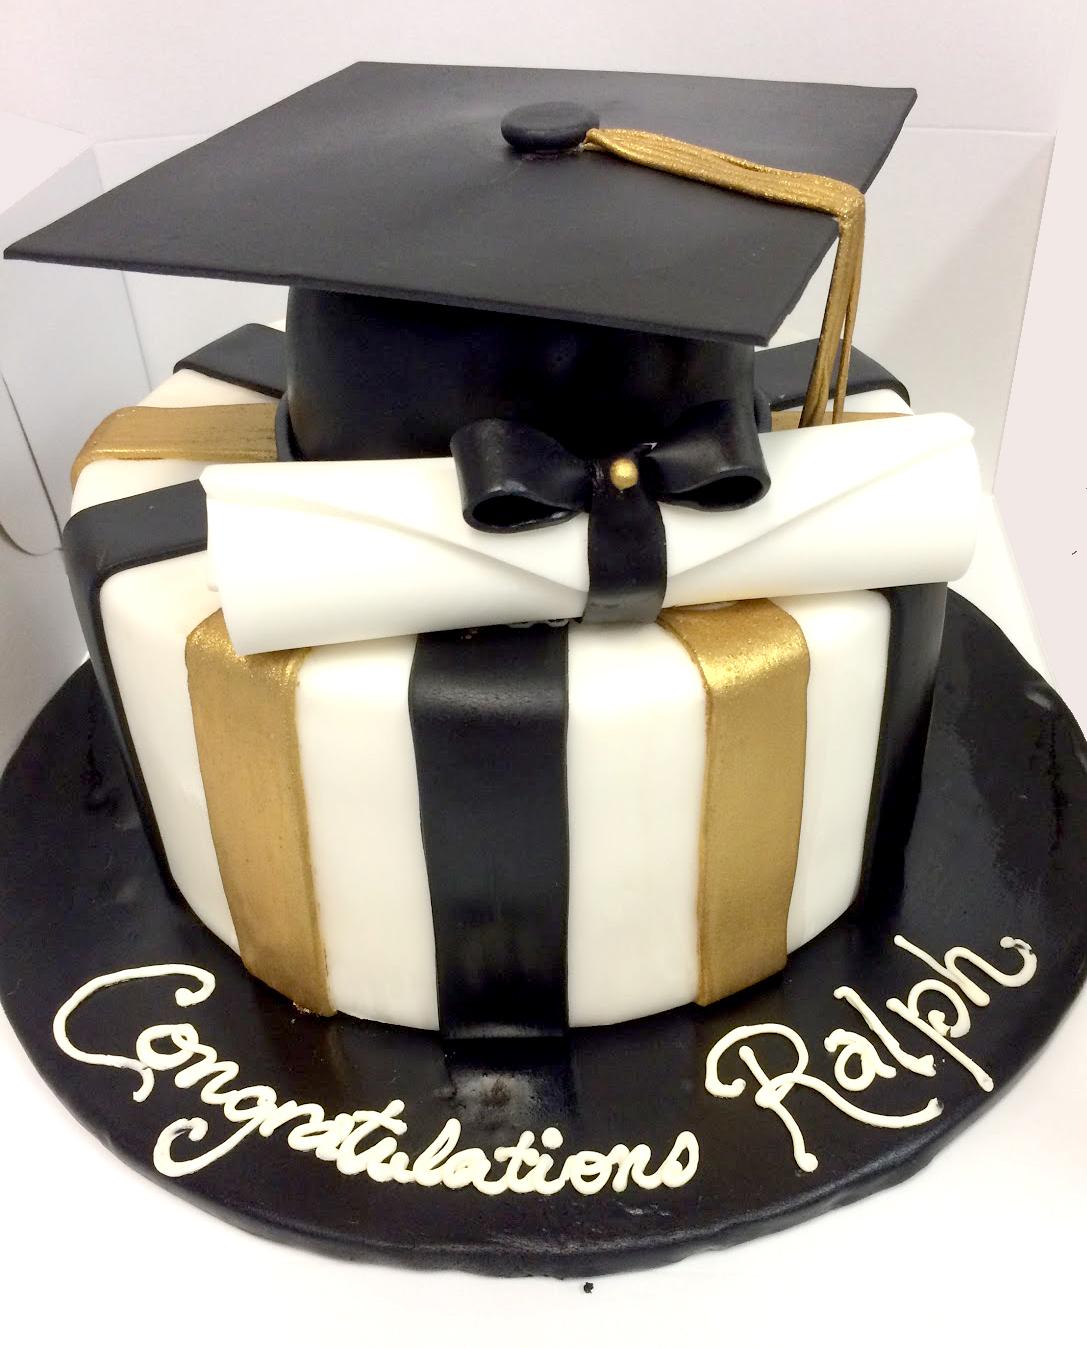 graduation cap diploma fondant cake.jpg